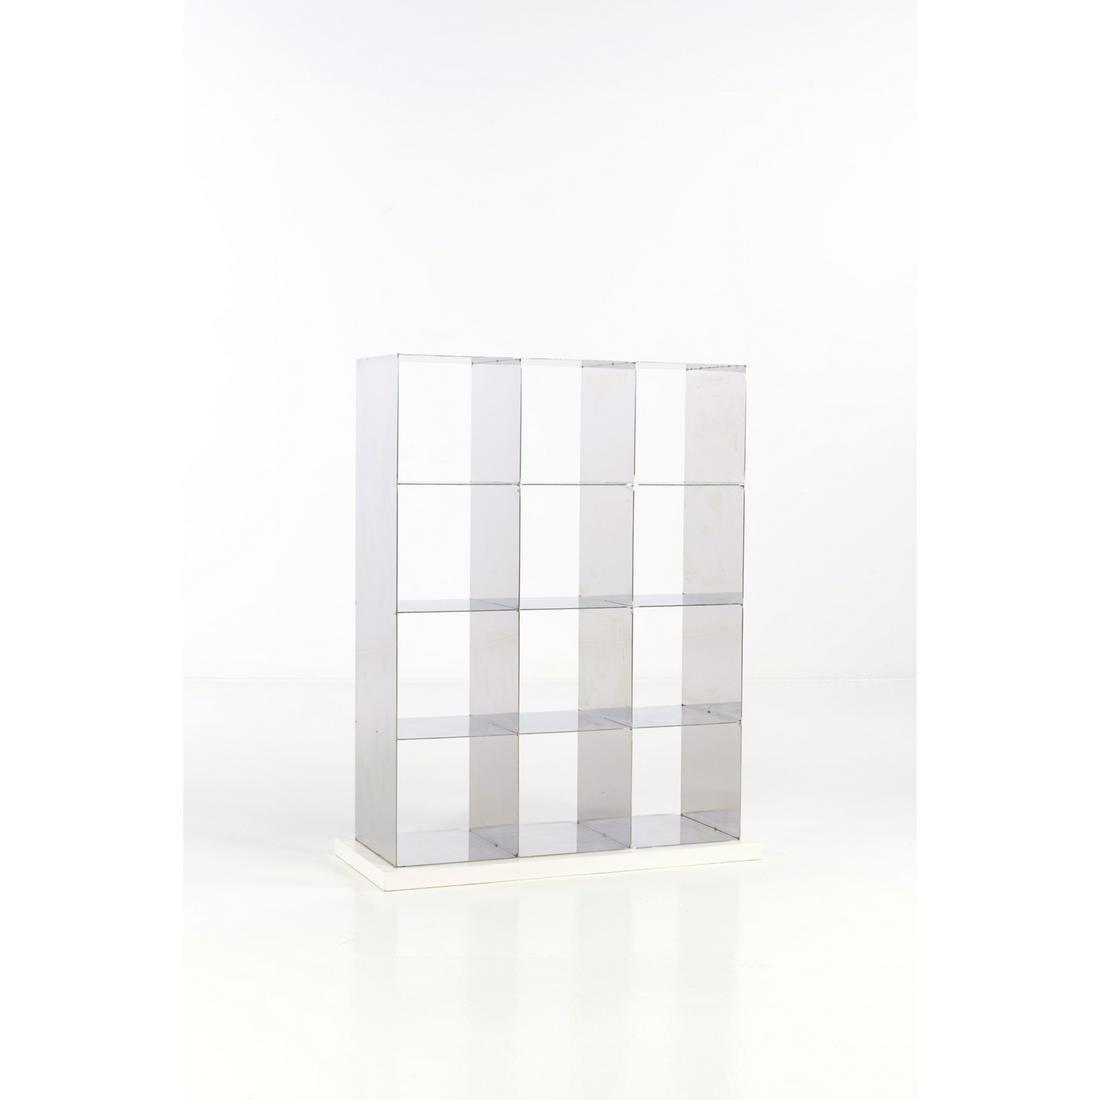 Ettore Sottsass (1917-2007) Bookshelf - Unique piece